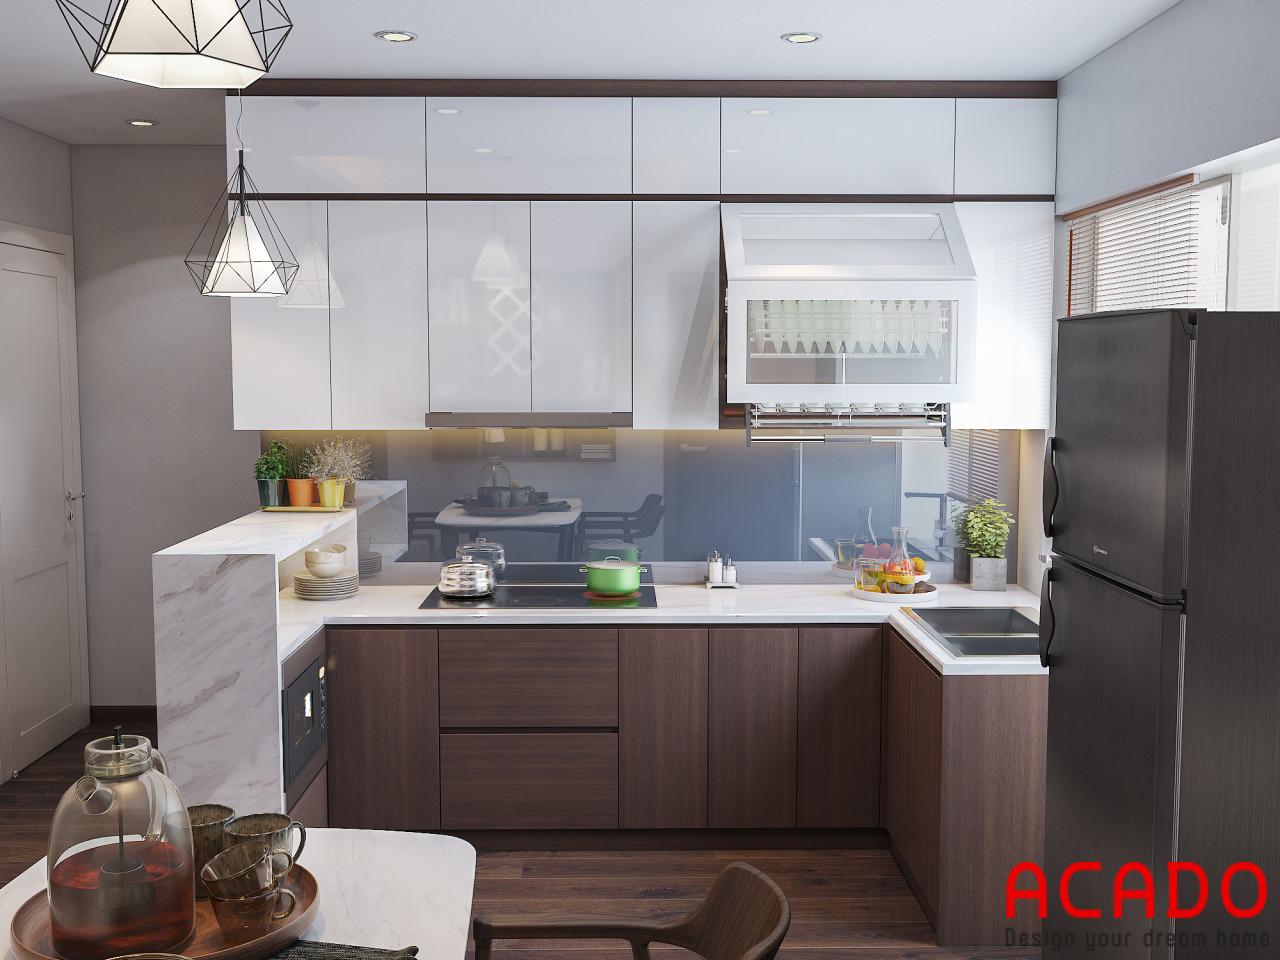 Khu bếp thiết kế bộ tủ bếp chữ L tận dụng không gian góc, màu trắng kết hợp màu vân gỗ